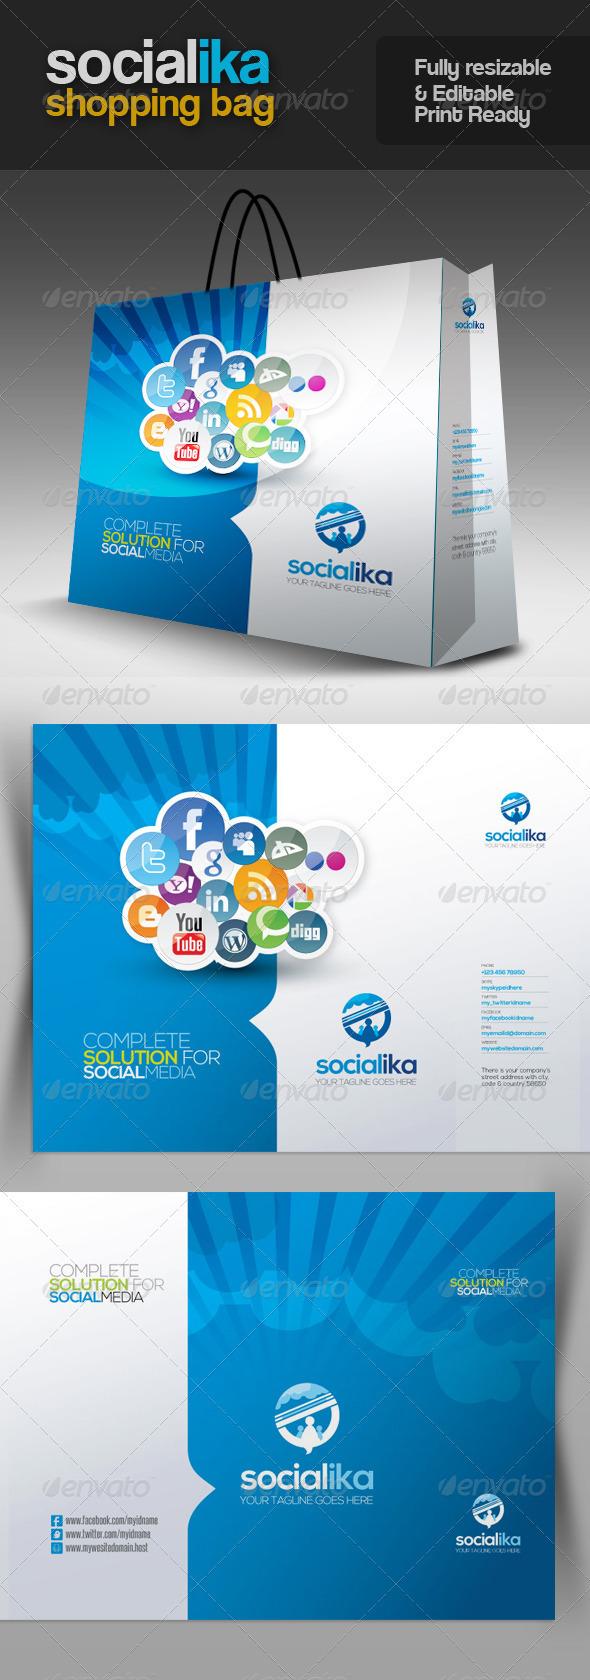 Socialika Social Media Shopping Bag - Packaging Print Templates